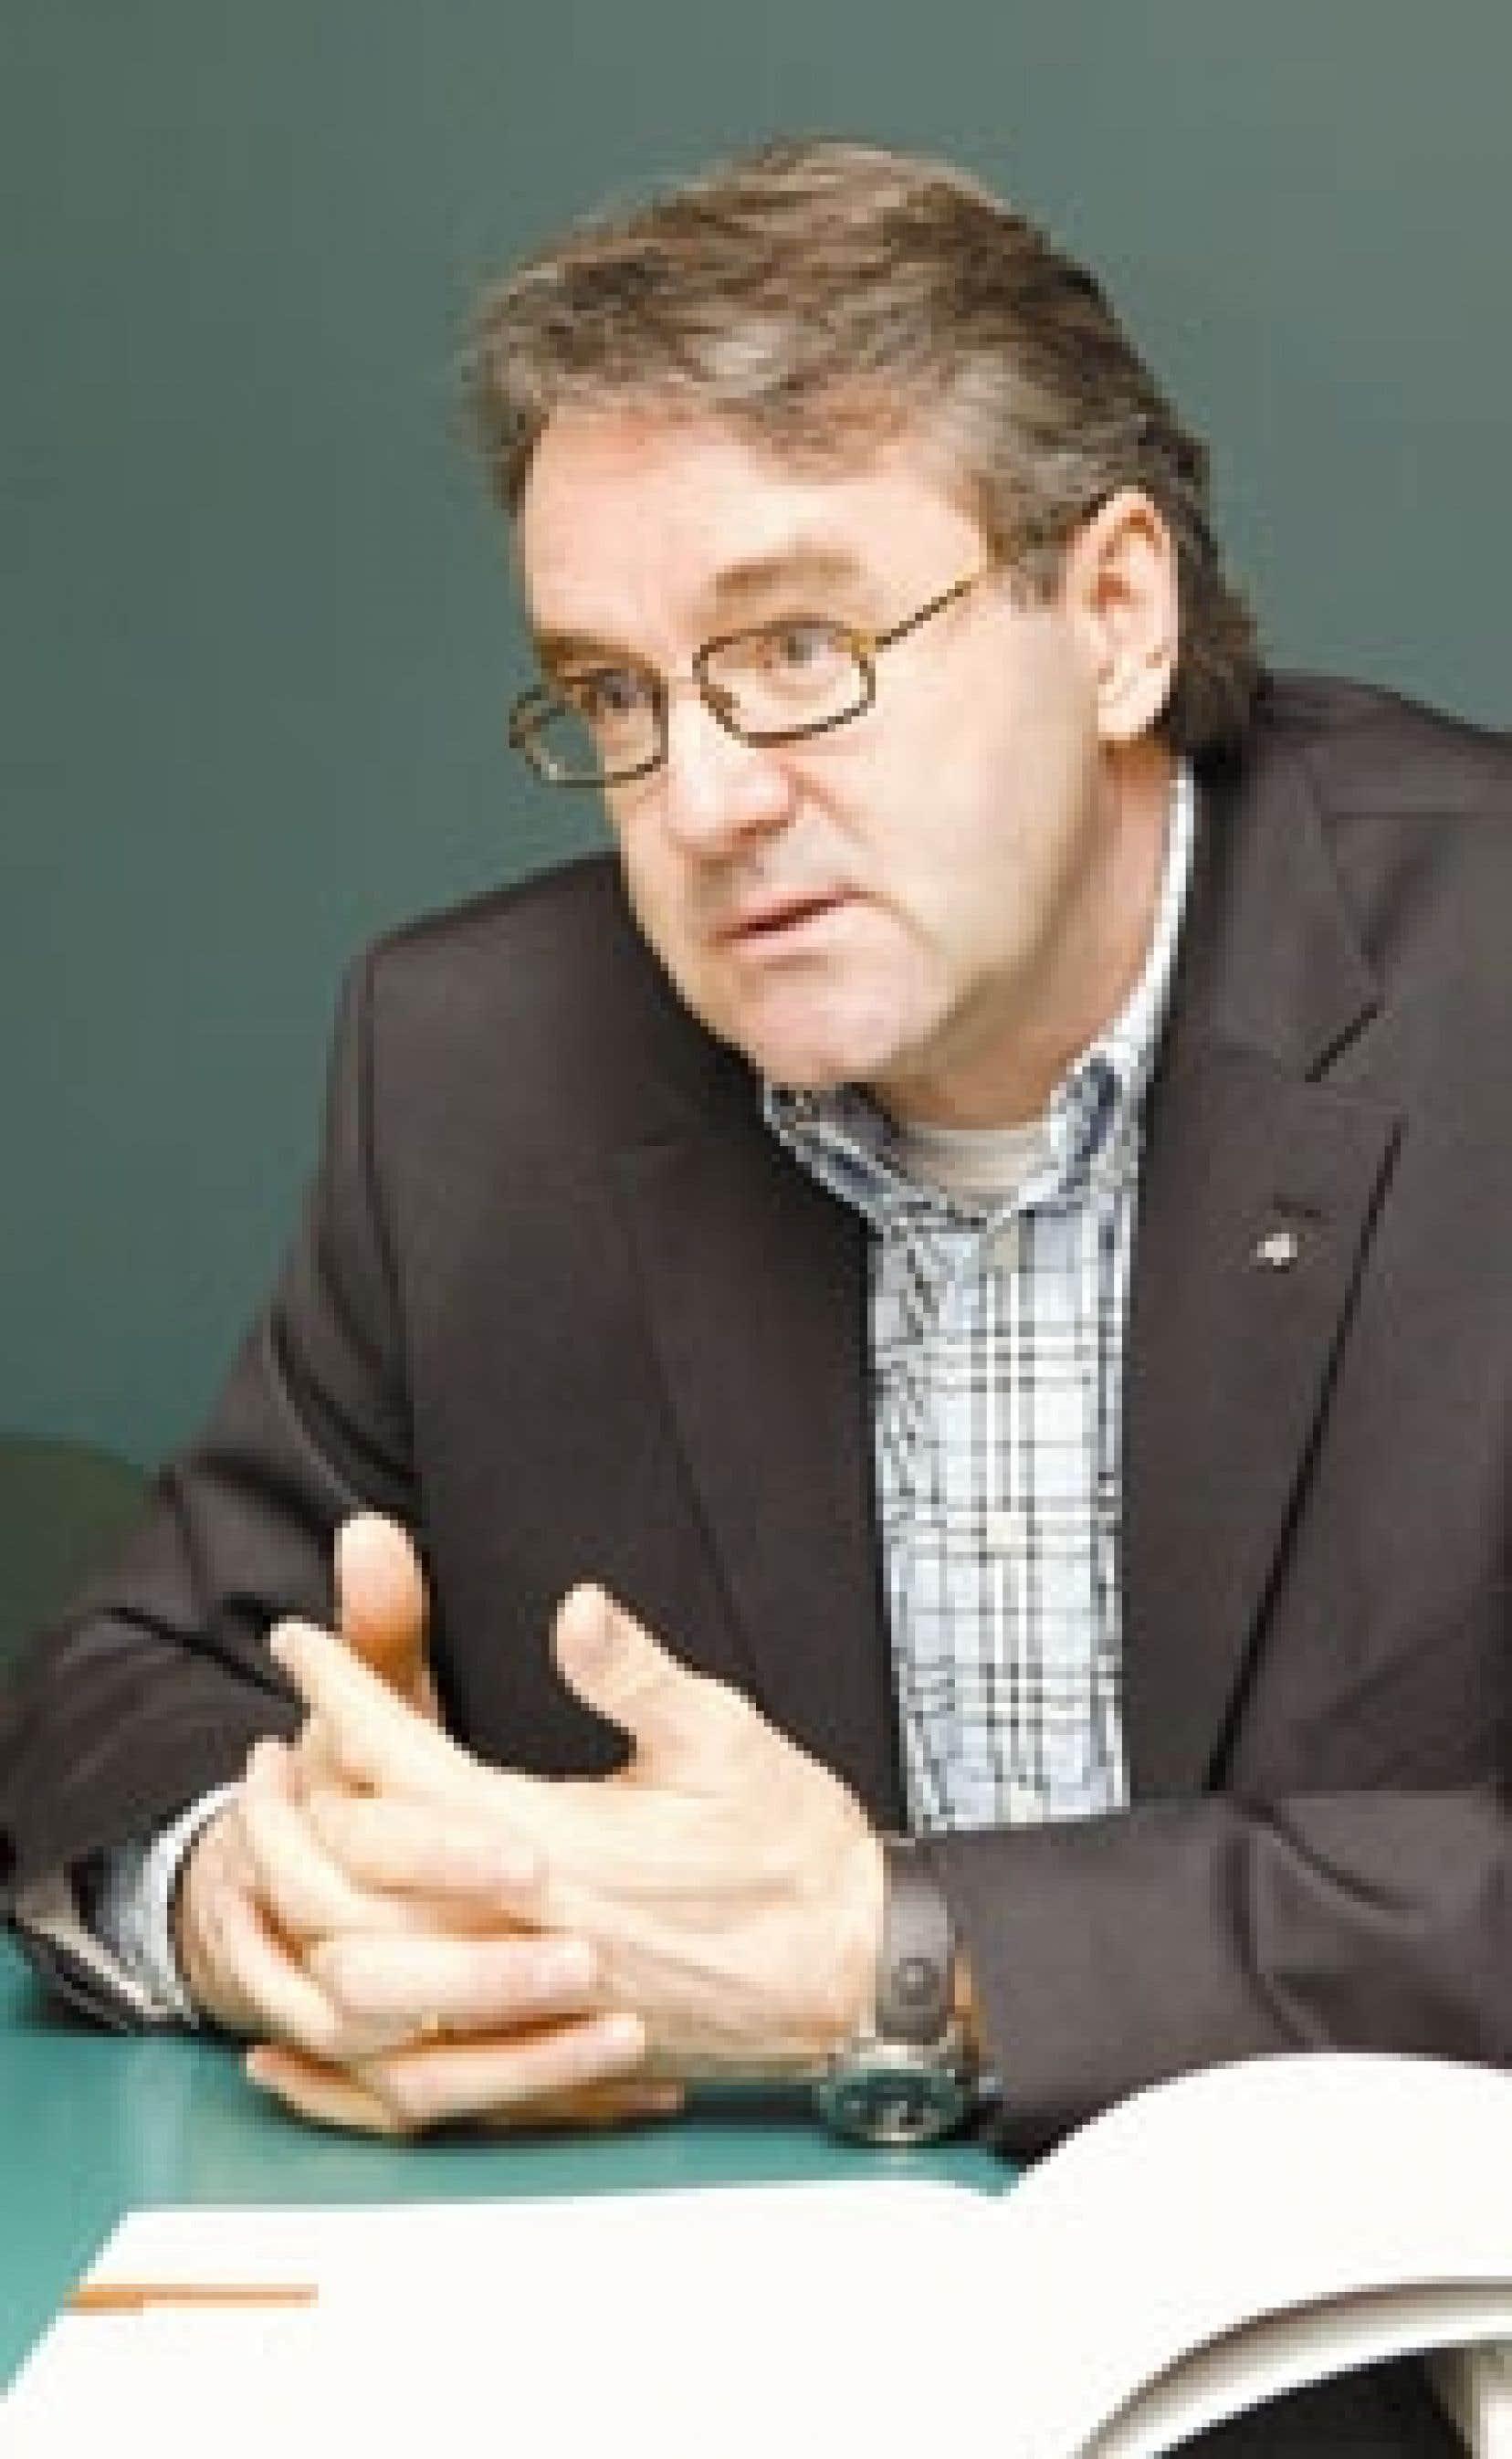 Guy Drouin est président depuis 2002 d'ADS, qu'il dirige avec ses frères.